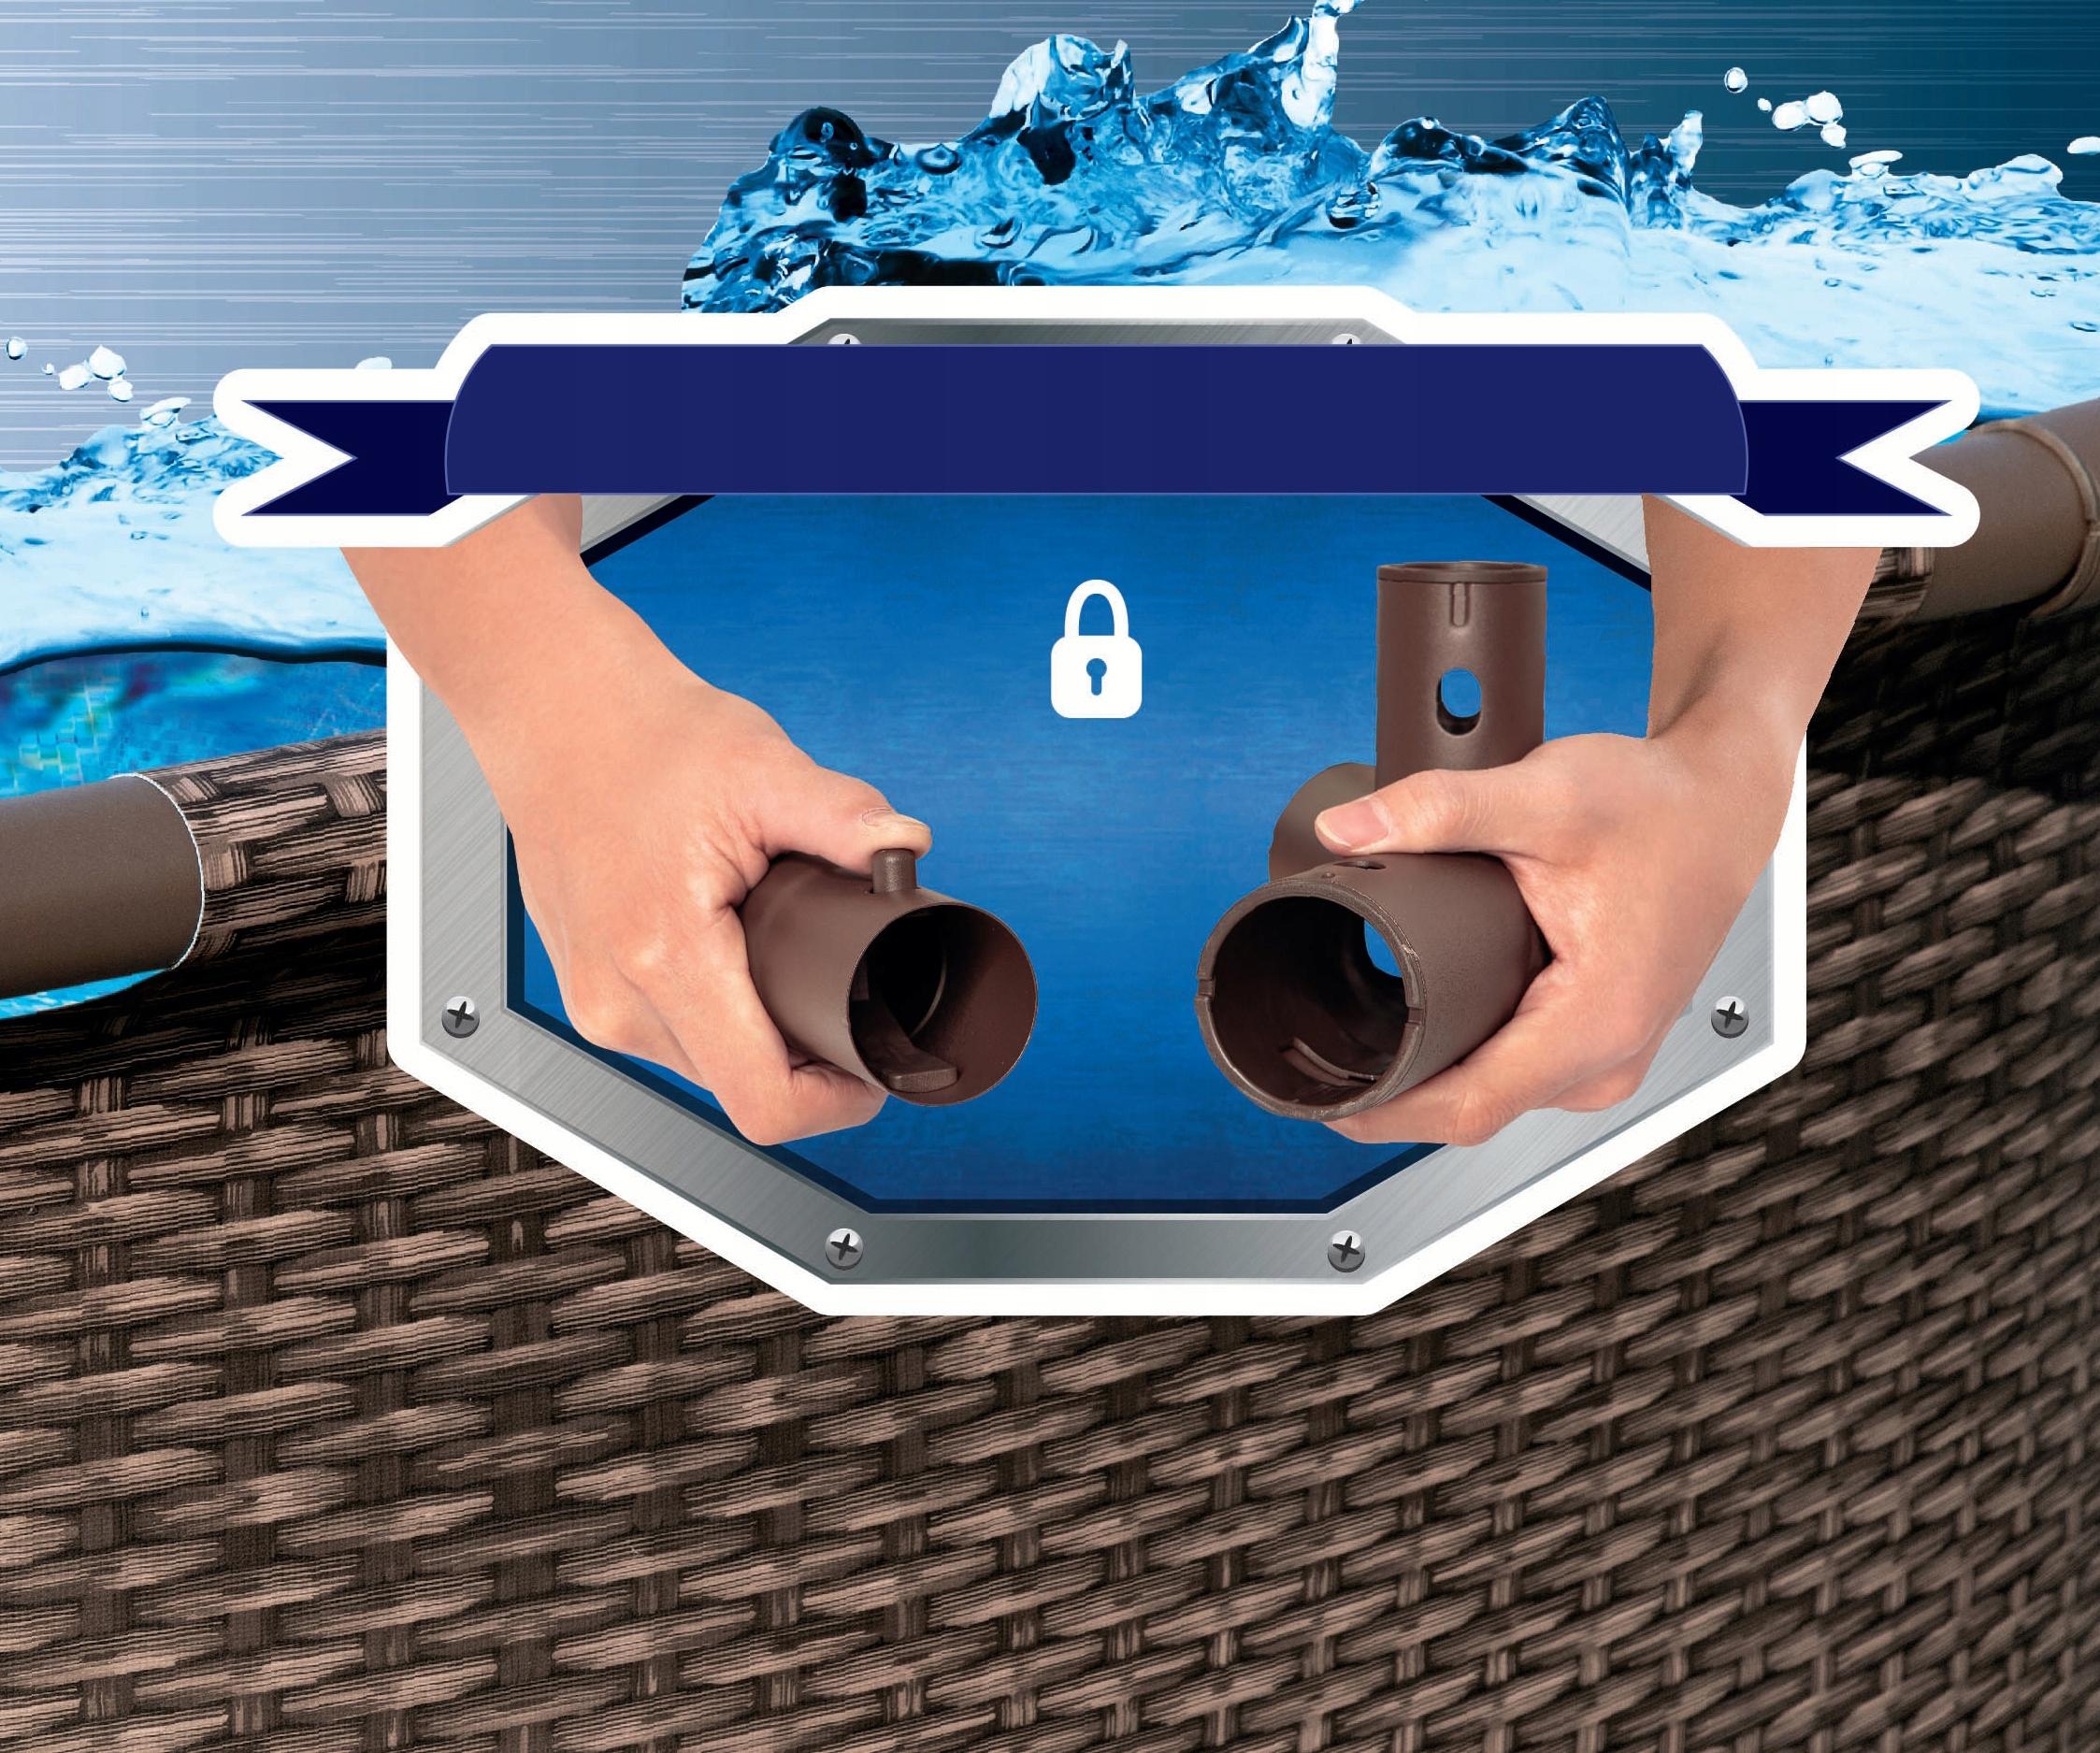 BASEN STELAŻOWY 56714 OGRODOWY Swim Vista Series 2 Szerokość 250 cm